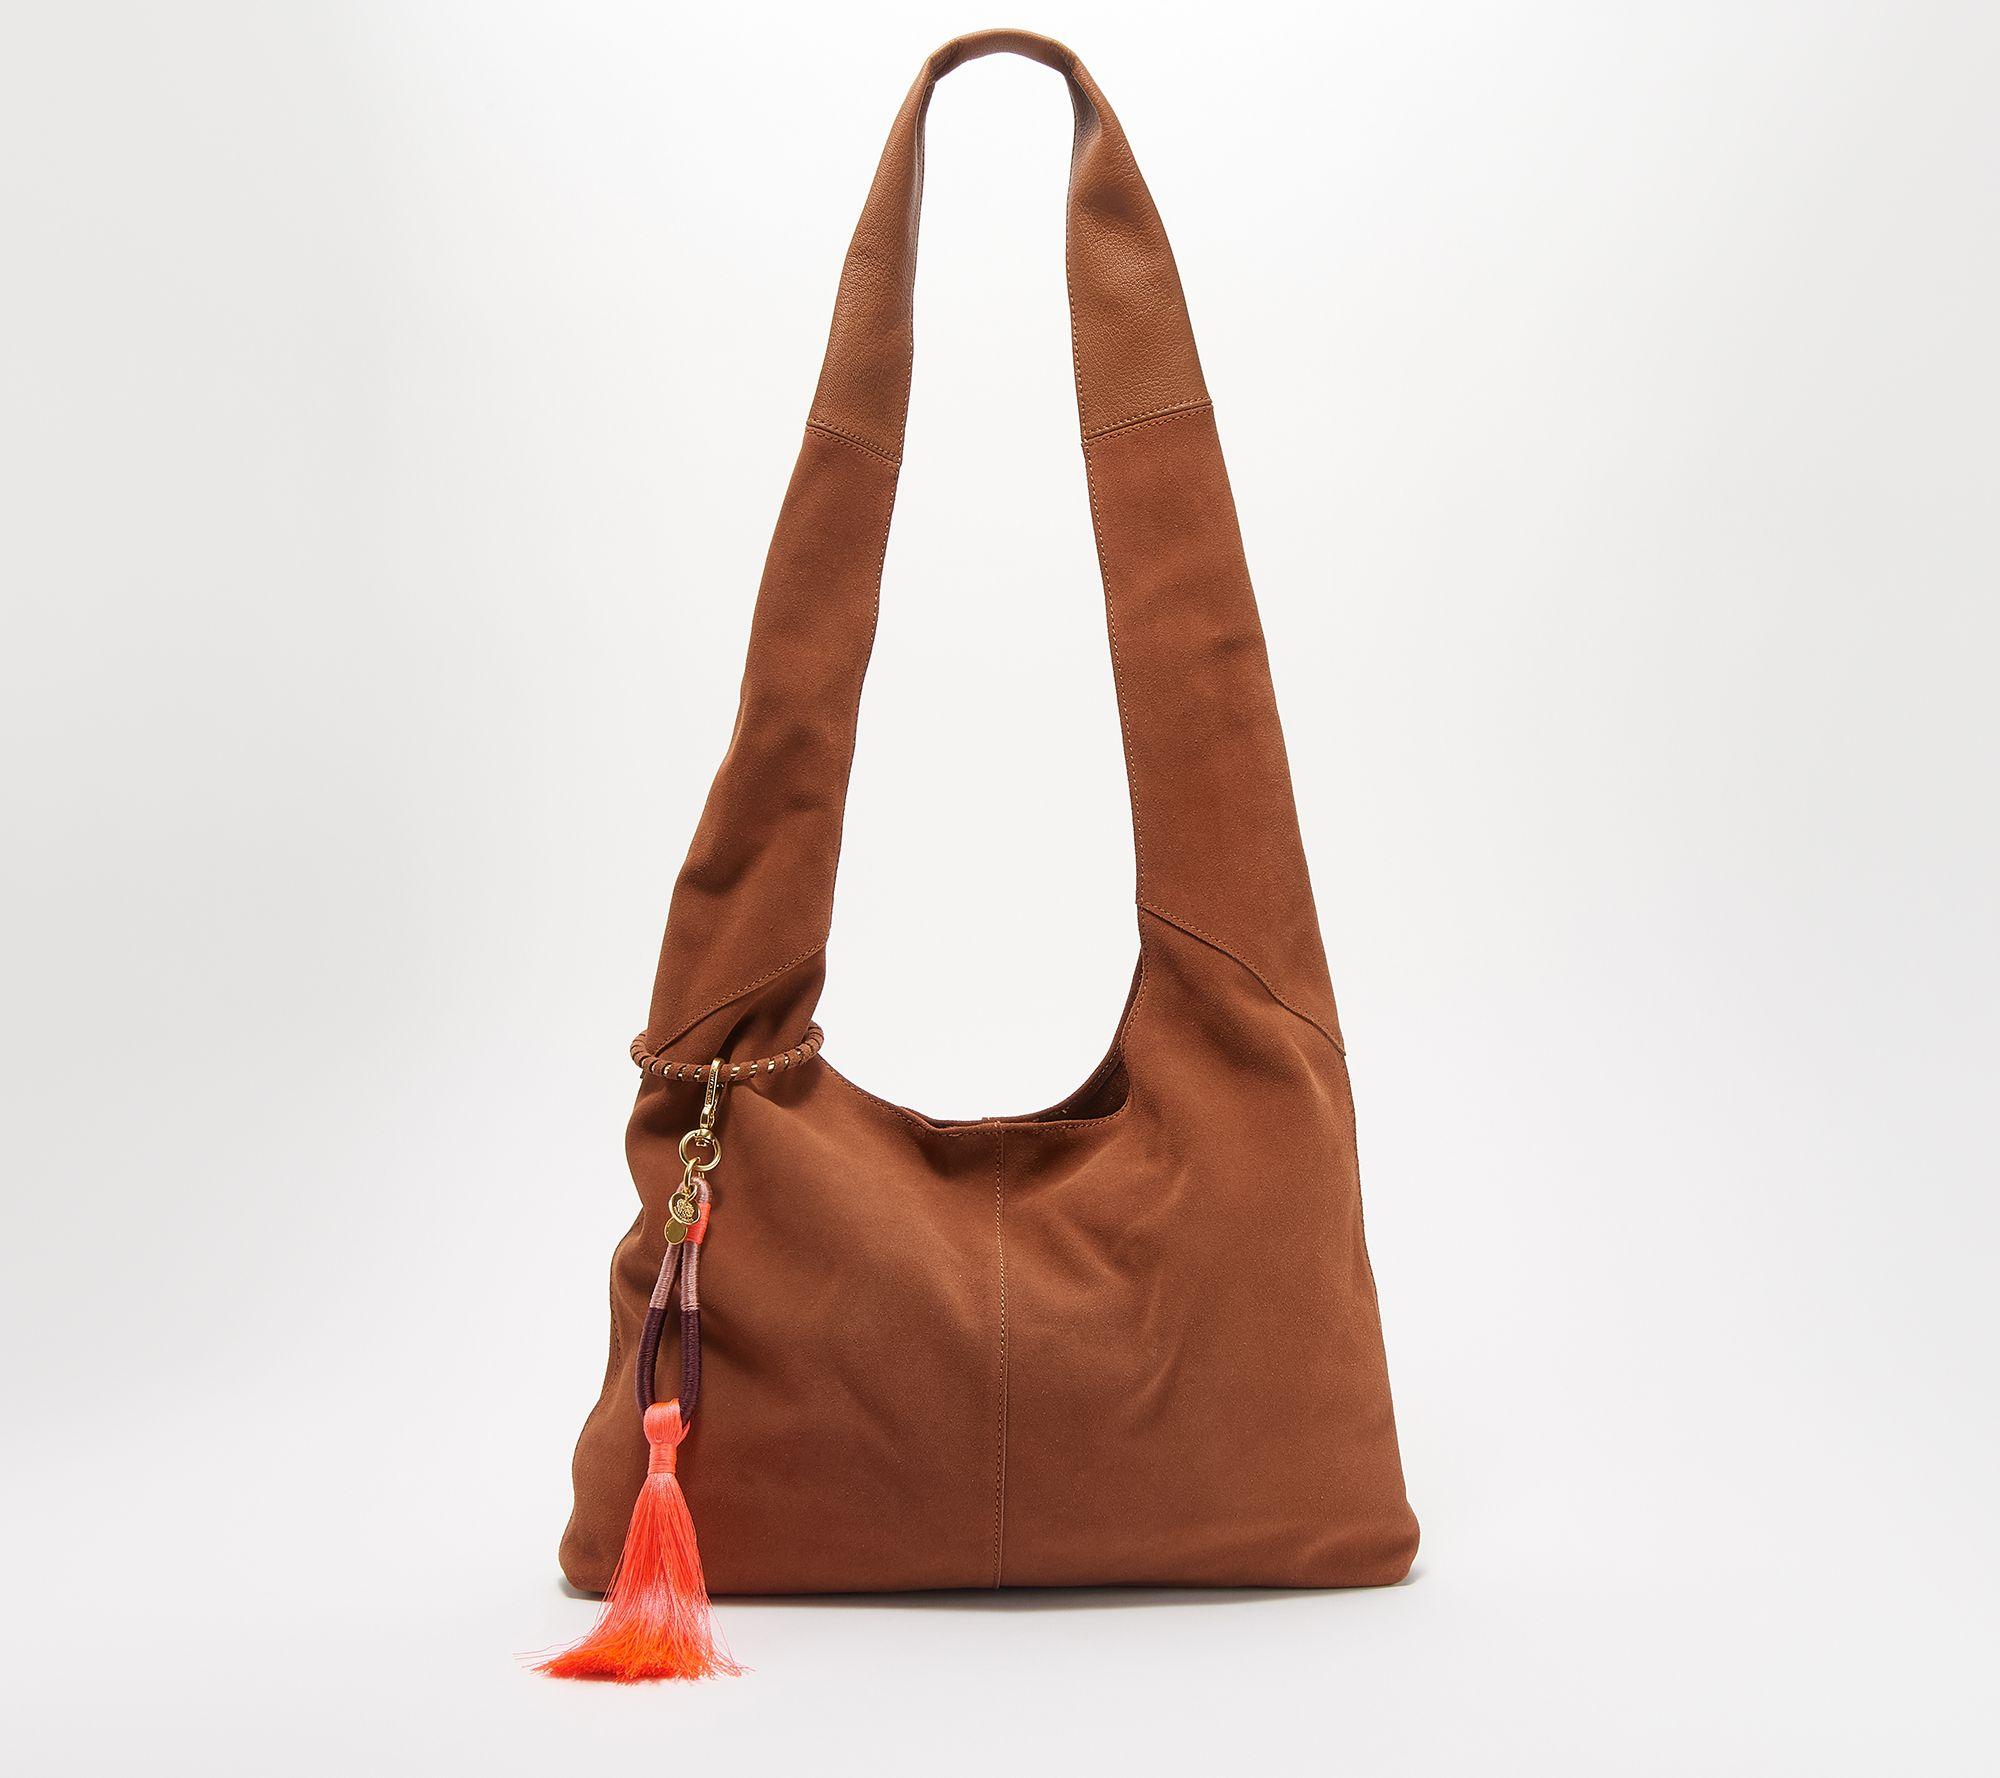 453c09ed9d78 Vince Camuto Leather Shoulder Bag - Zane - Page 1 — QVC.com